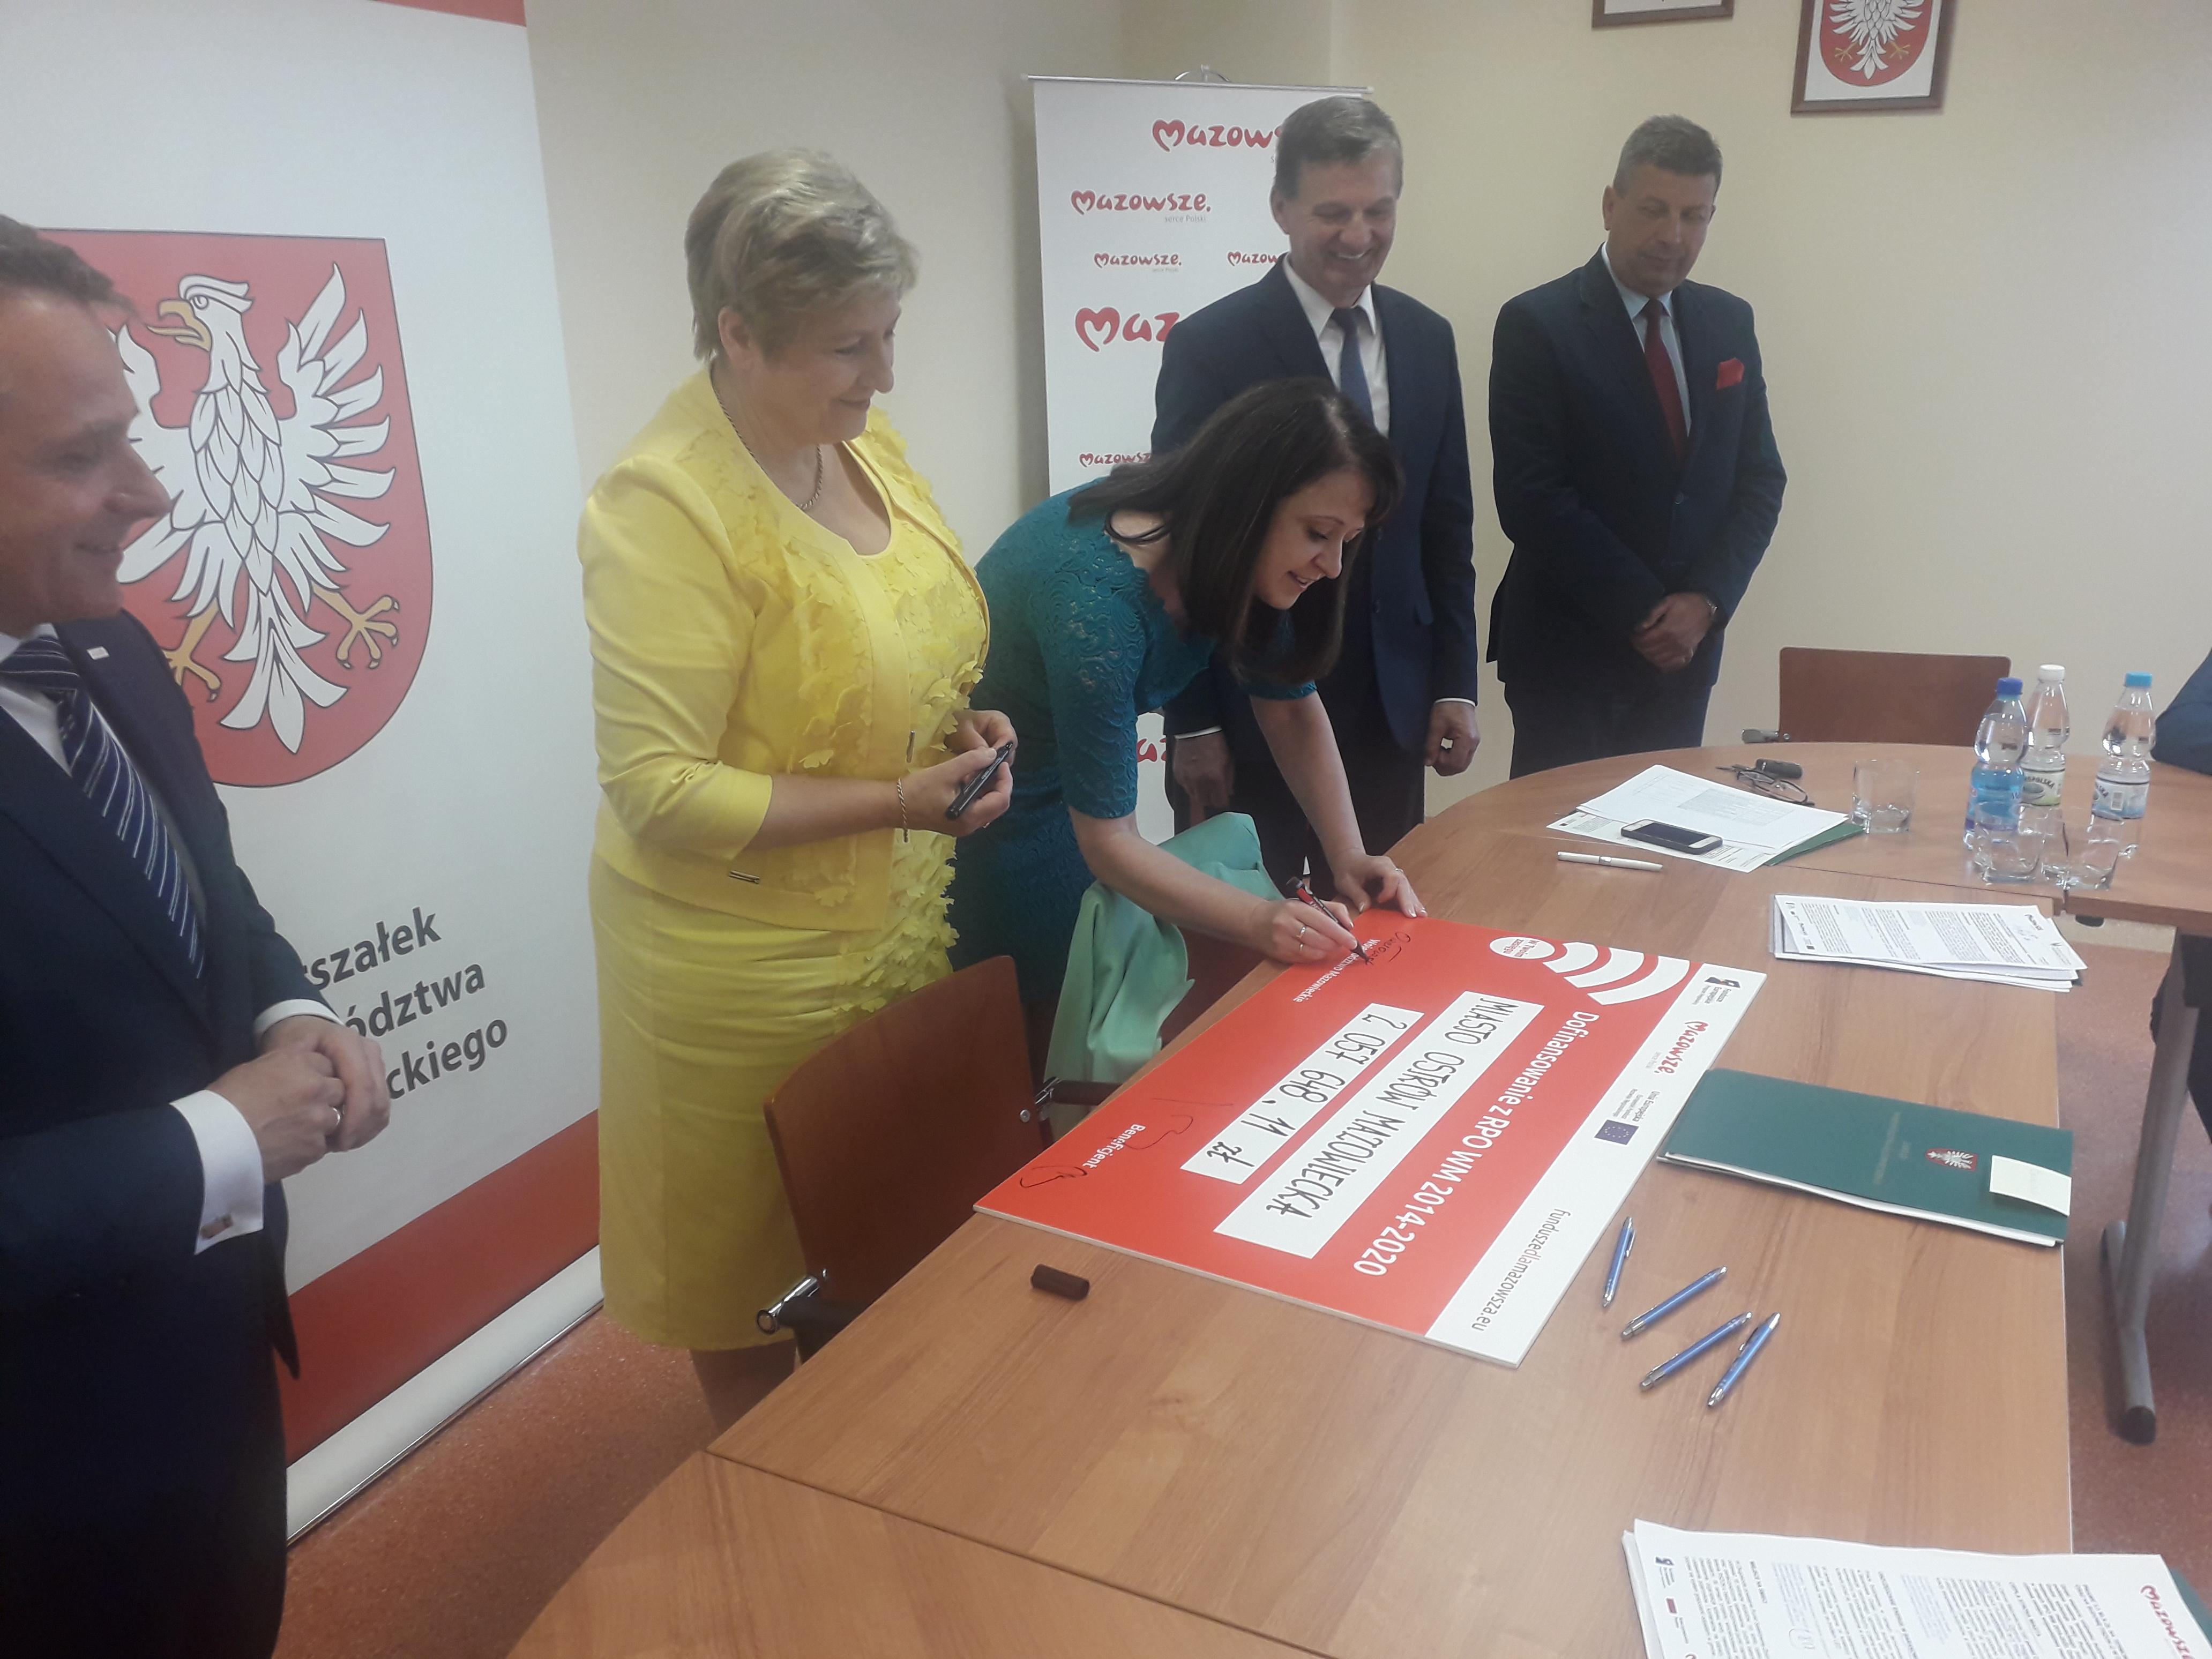 Uroczyste podpisanie trzech umów o dofinansowanie z RPO WM.